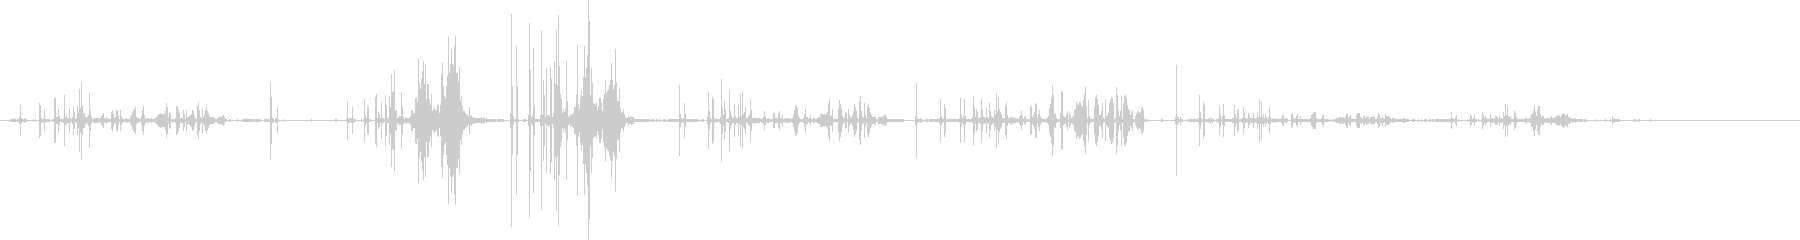 ウロガロ-近く-バージョン3の未再生の波形